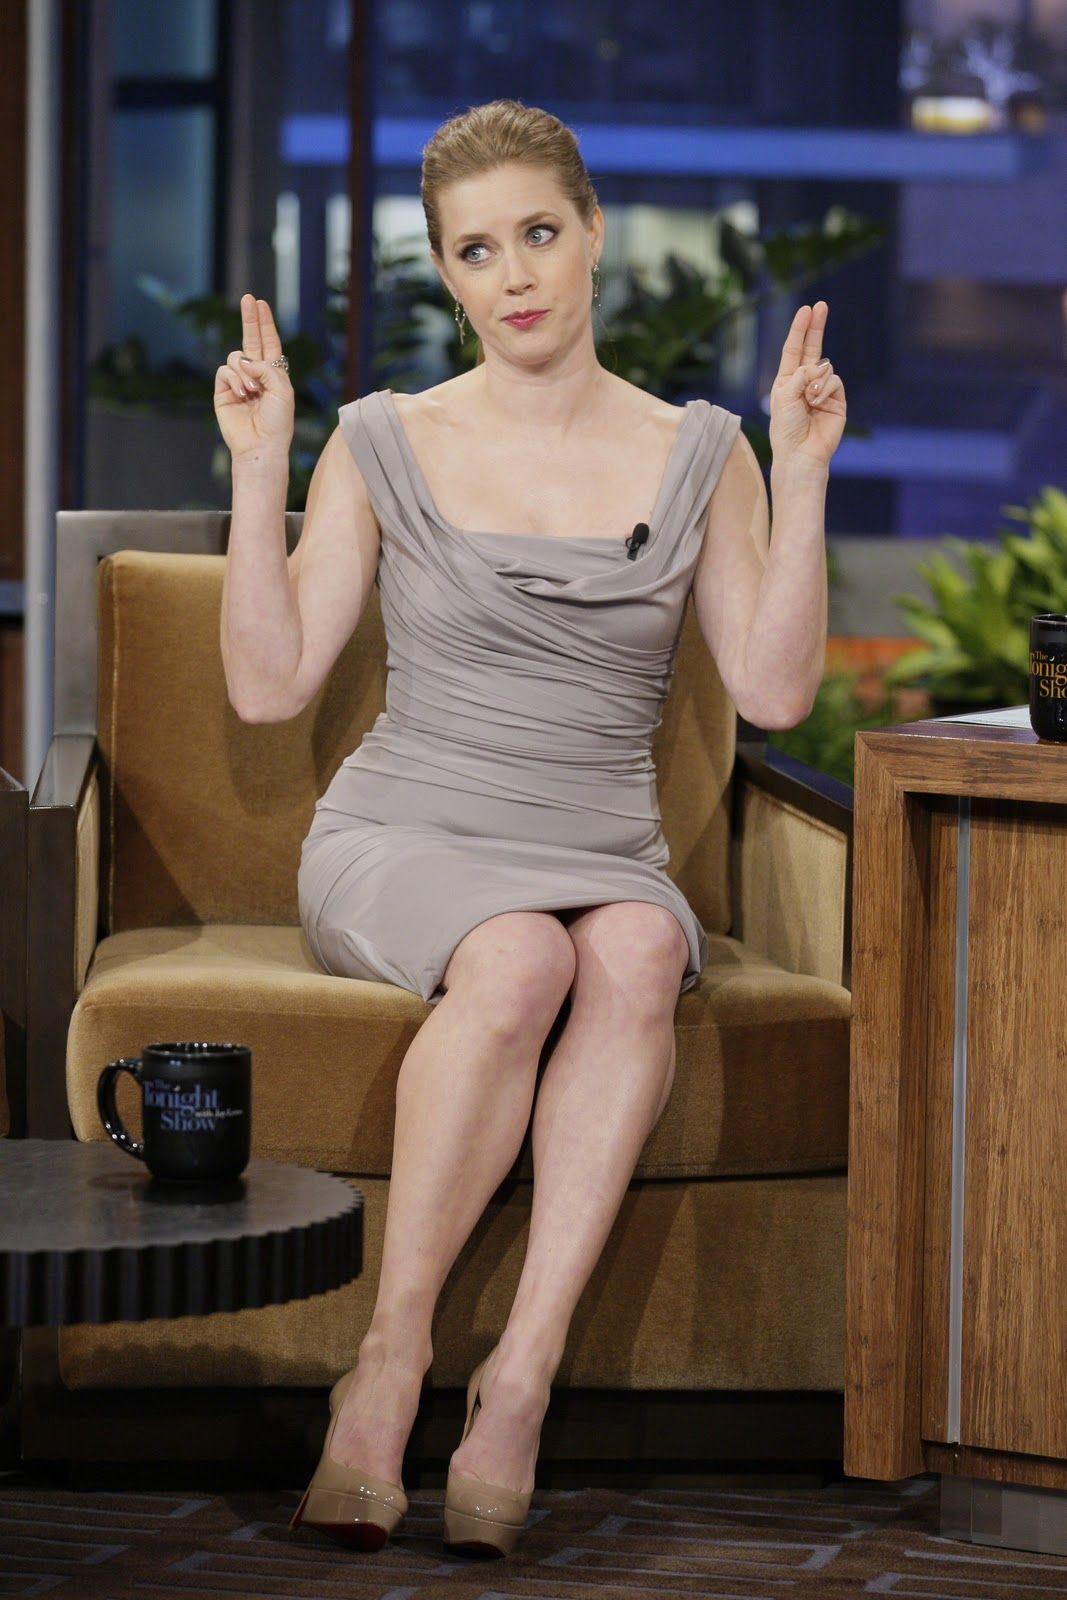 Amy Adams Bikini Amy Adams Nude Underwear Bikini And More Mega Post